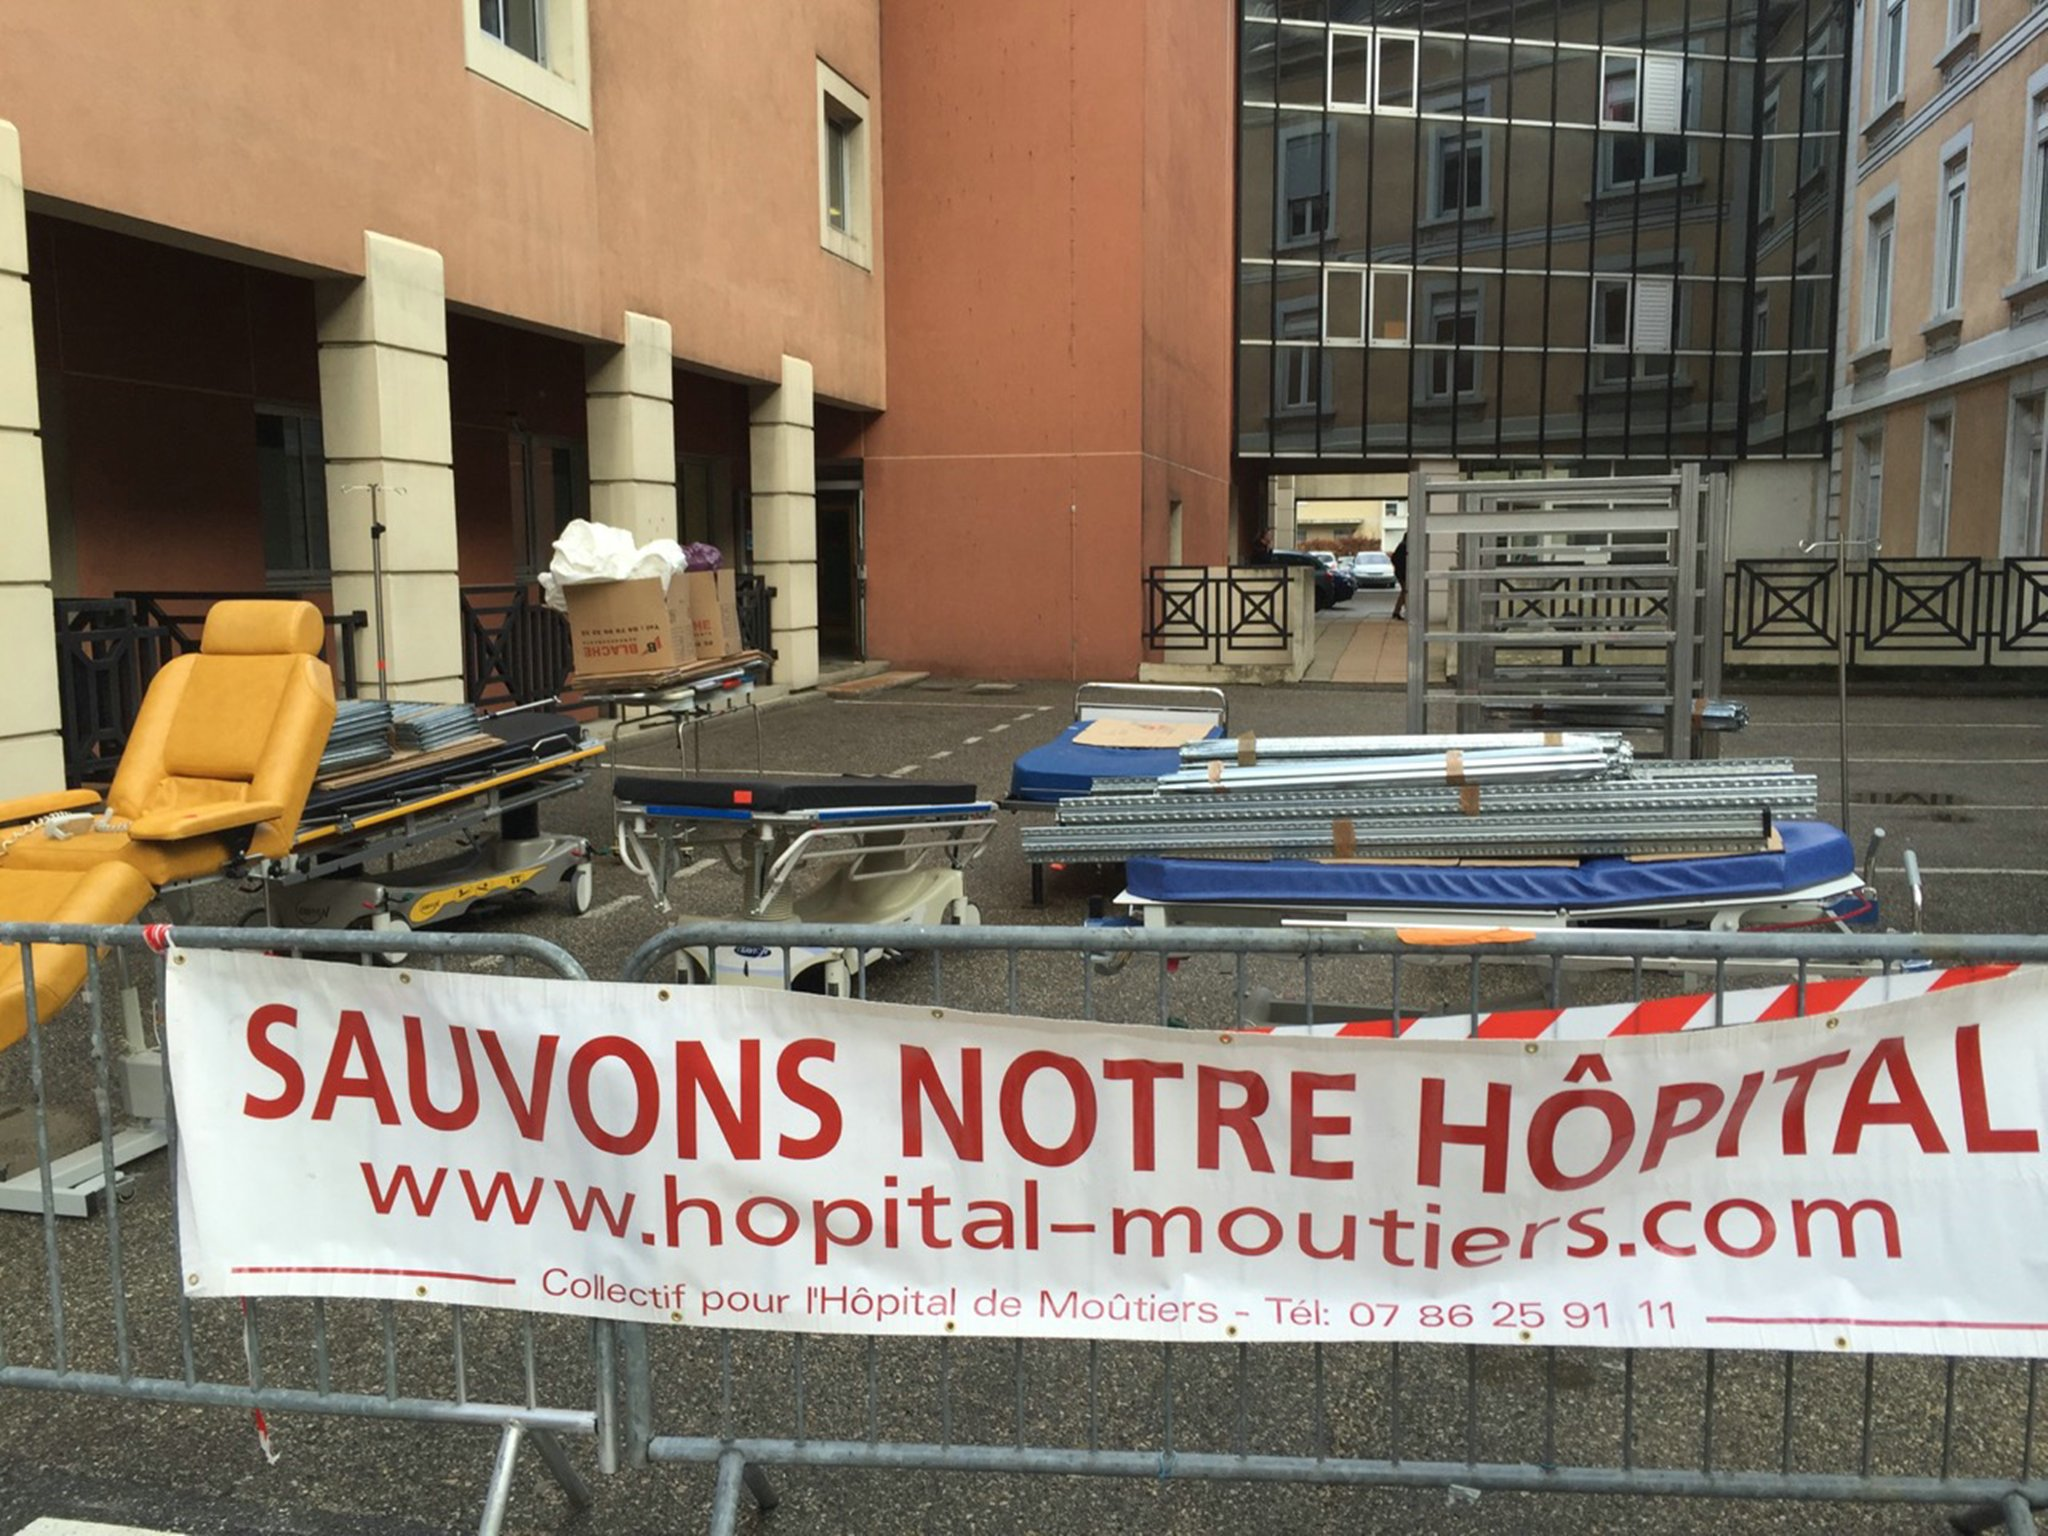 2015-12-16 - Blocage du tranfert des lits